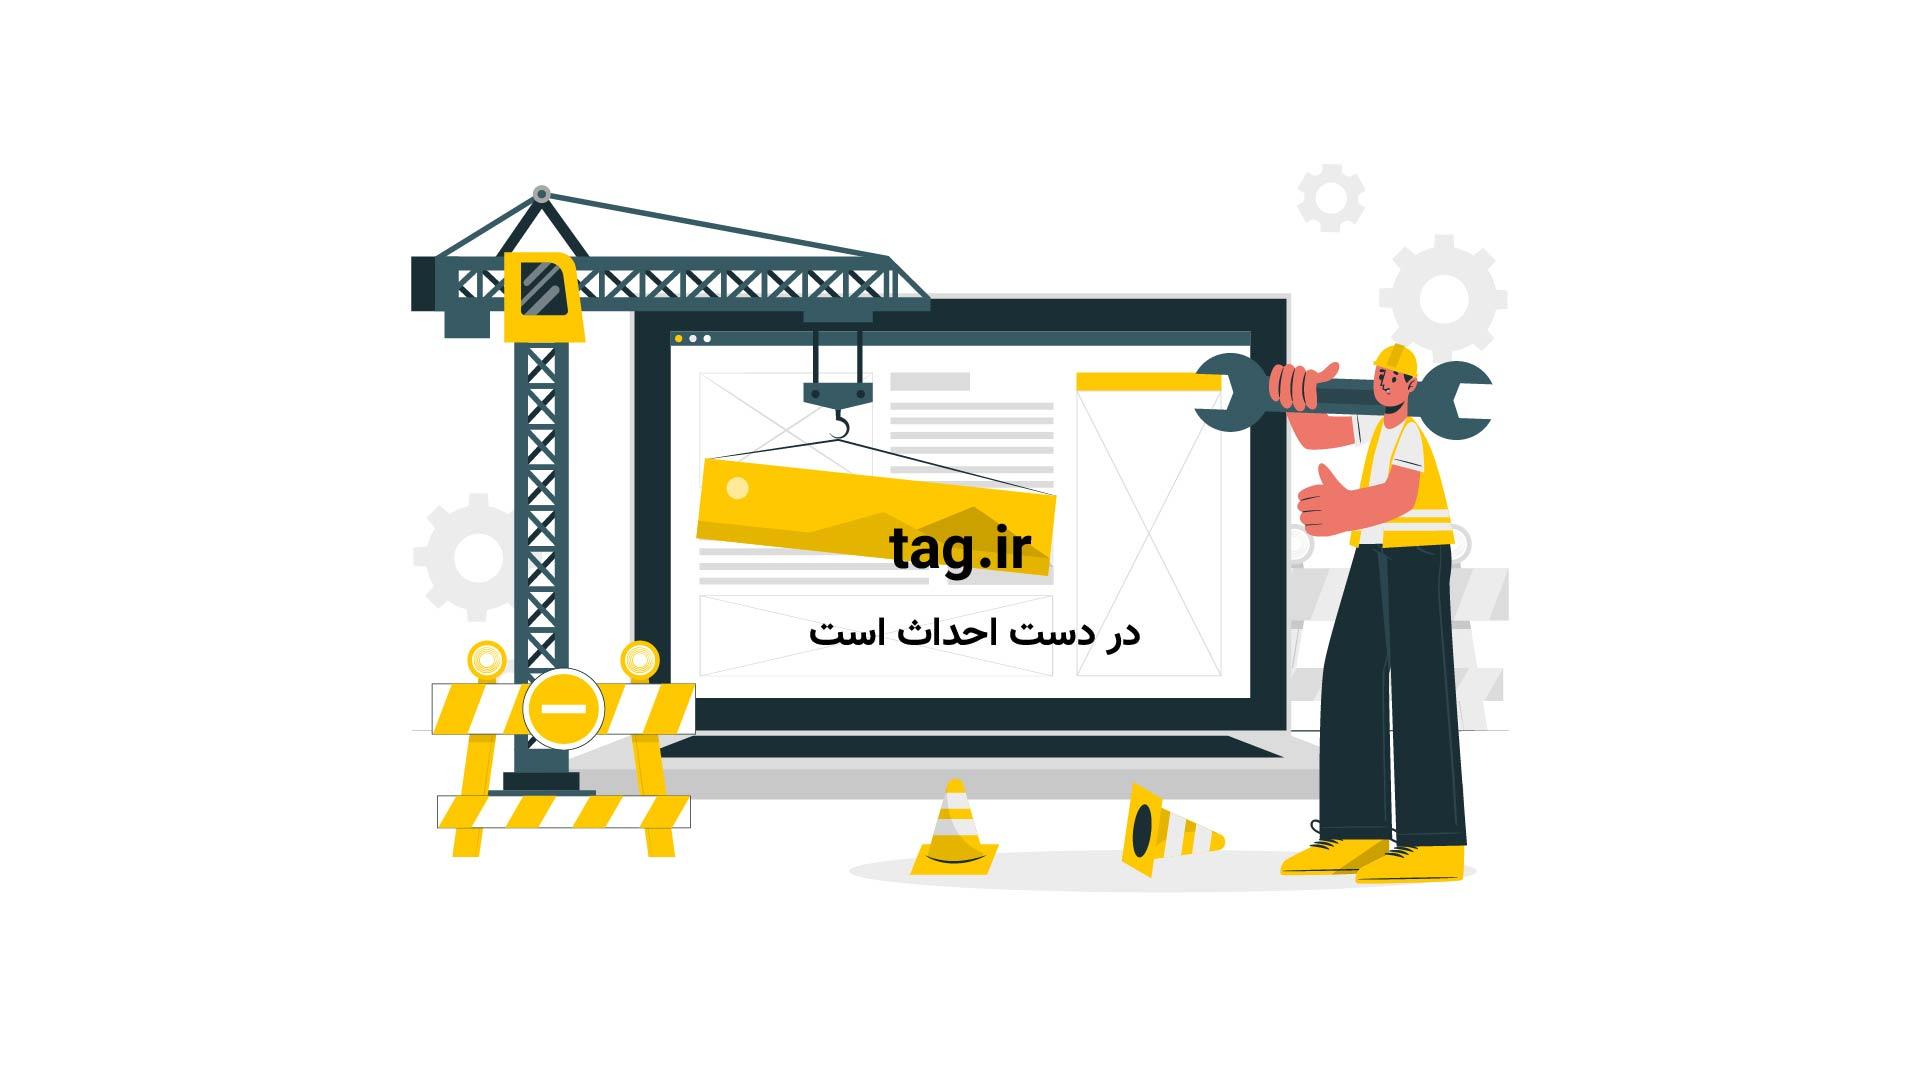 صفحه اول روزنامههای اقتصادی چهارشنبه 23 اسفند | فیلم